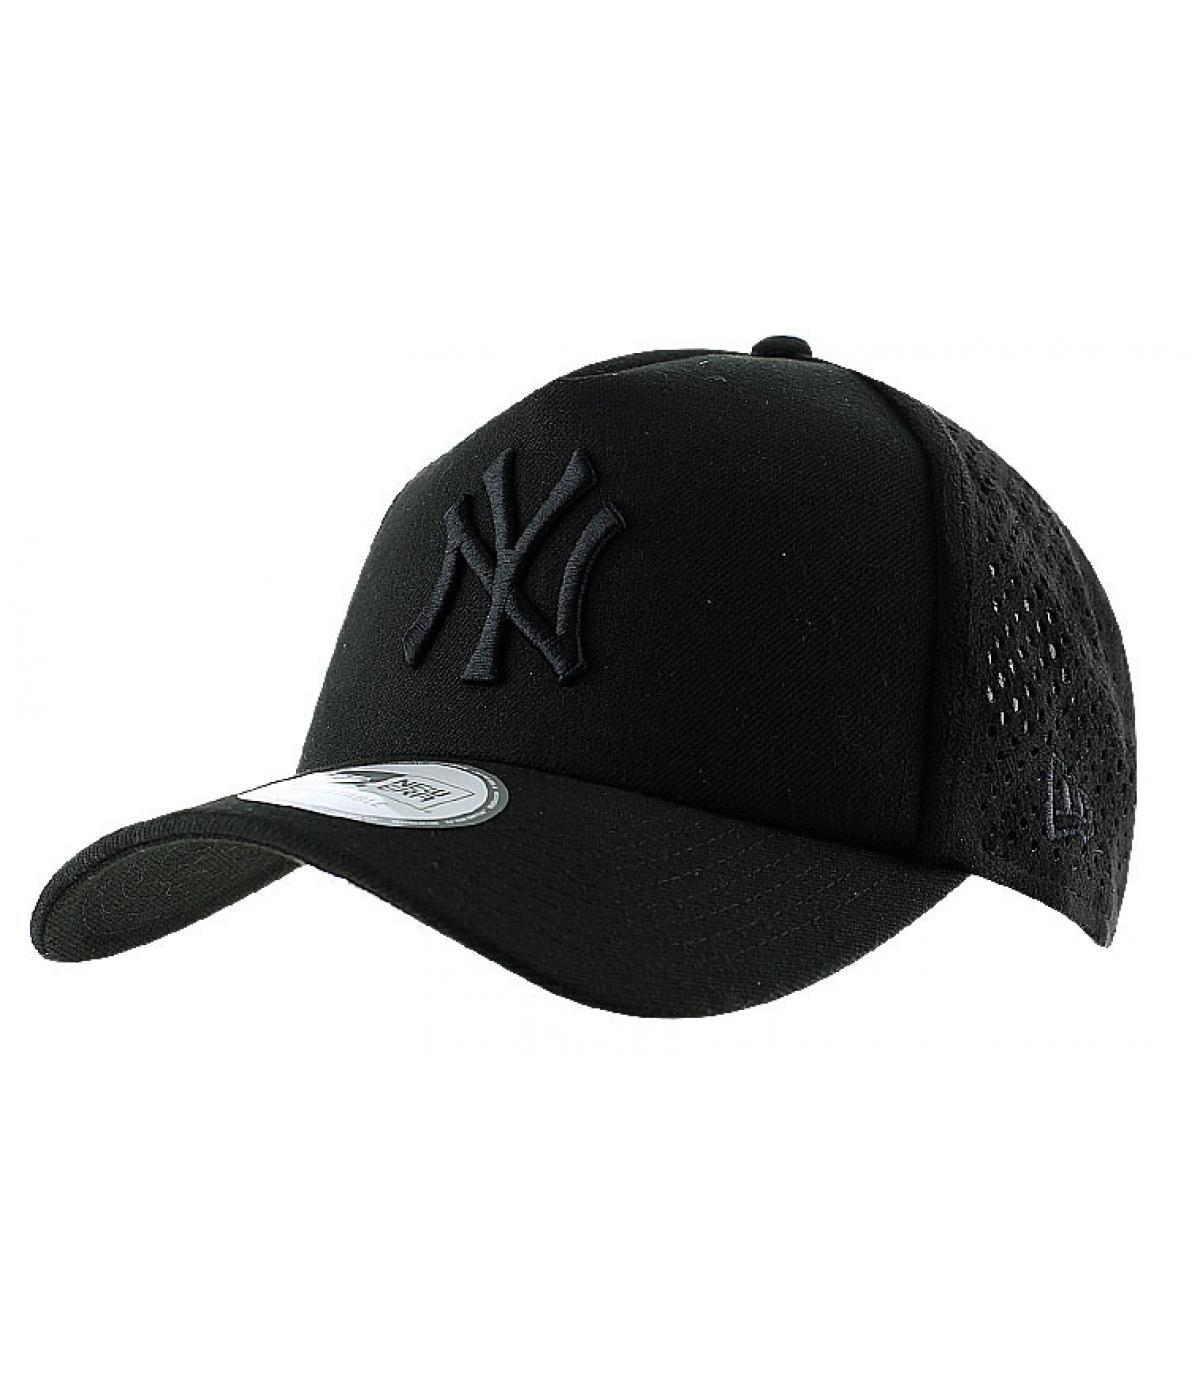 Netz Cap schwarz New Era